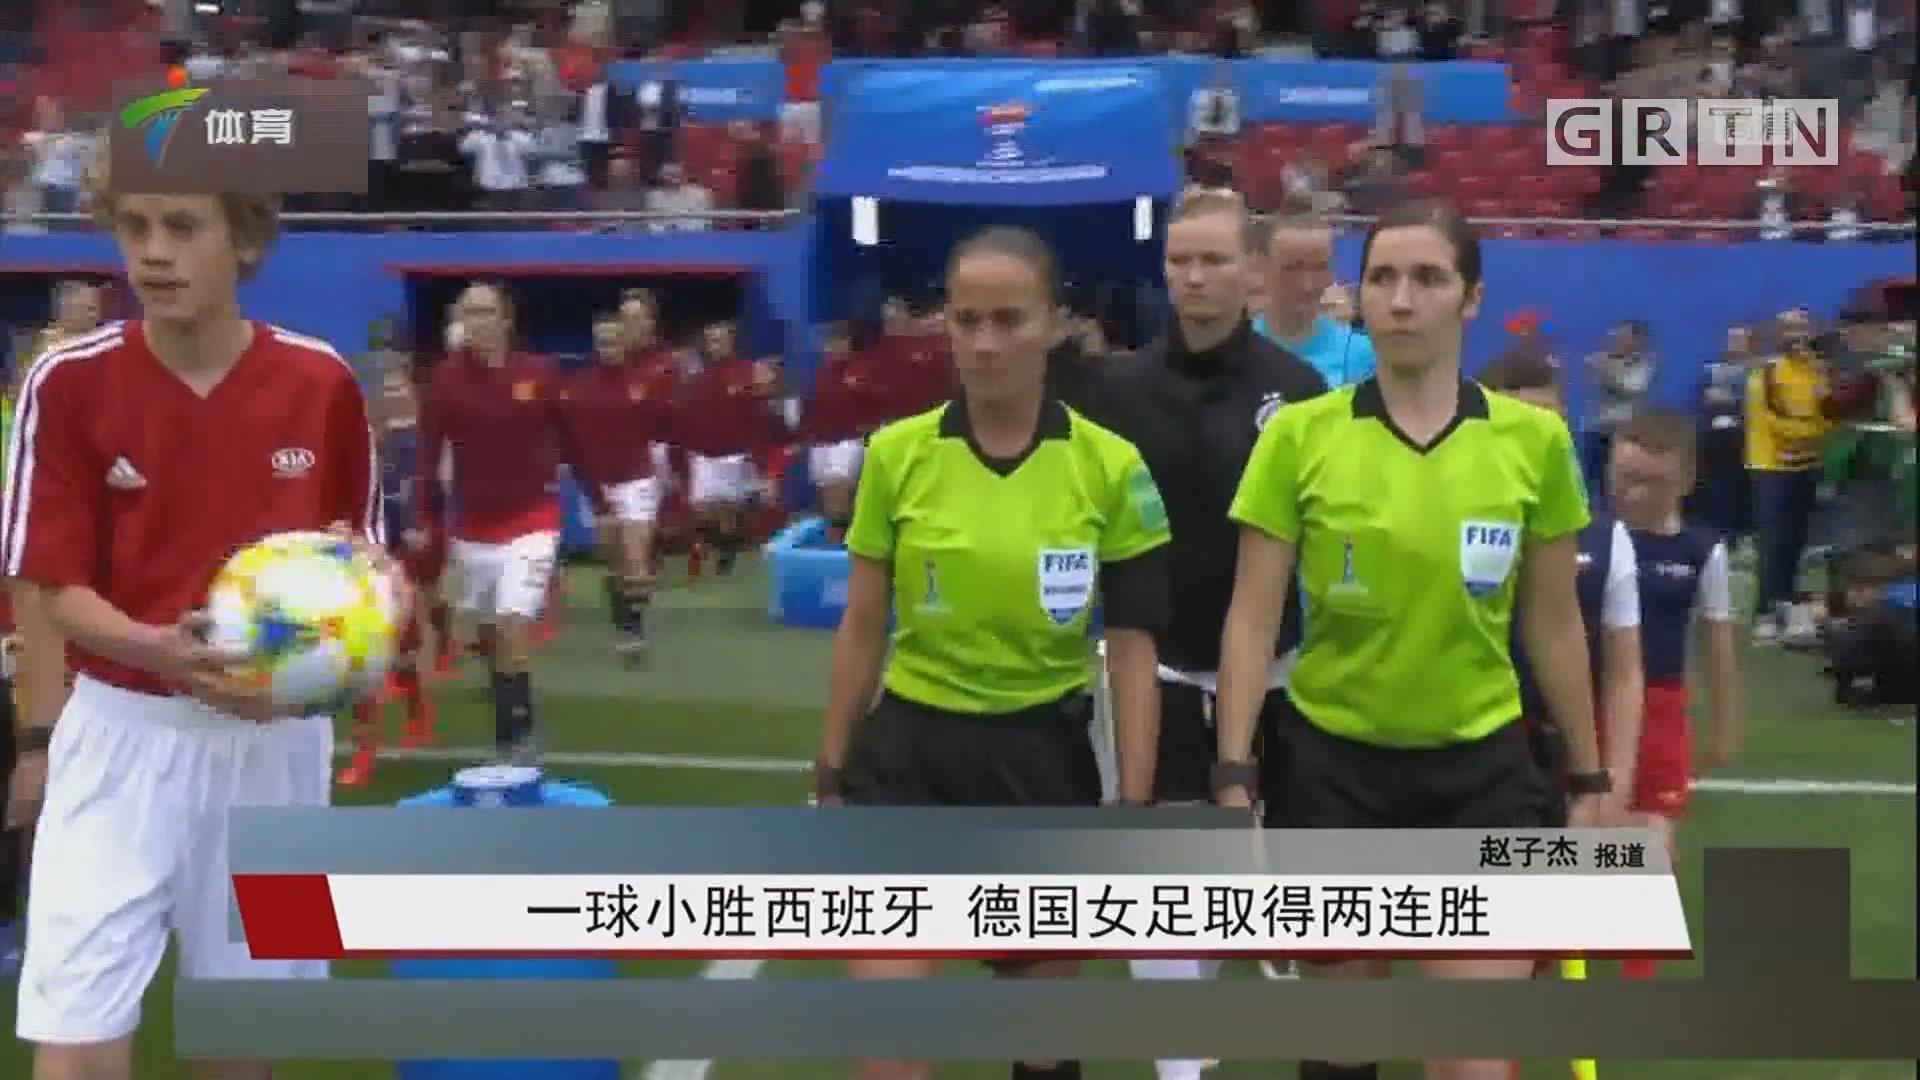 一球小胜西班牙 德国女足取得两连胜